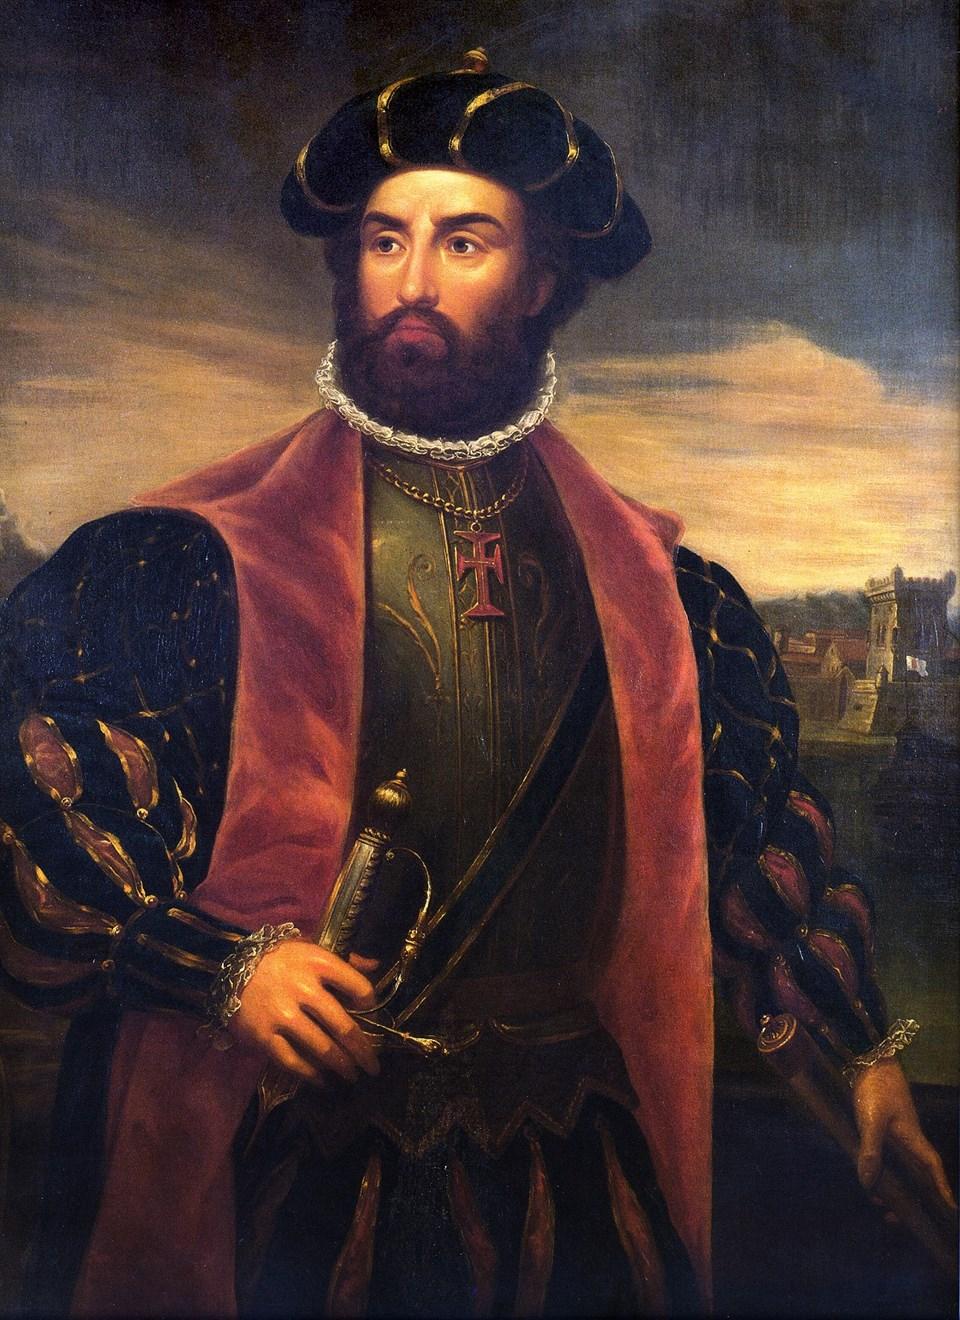 Avrupa'dan çıkıp doğrudan Hindistan'a giden ilk kişi olarak bilinen Vasco De Gama deniz ticaretinde Avrupalıların üstünlüğü ele geçirmesini sağlamıştı.